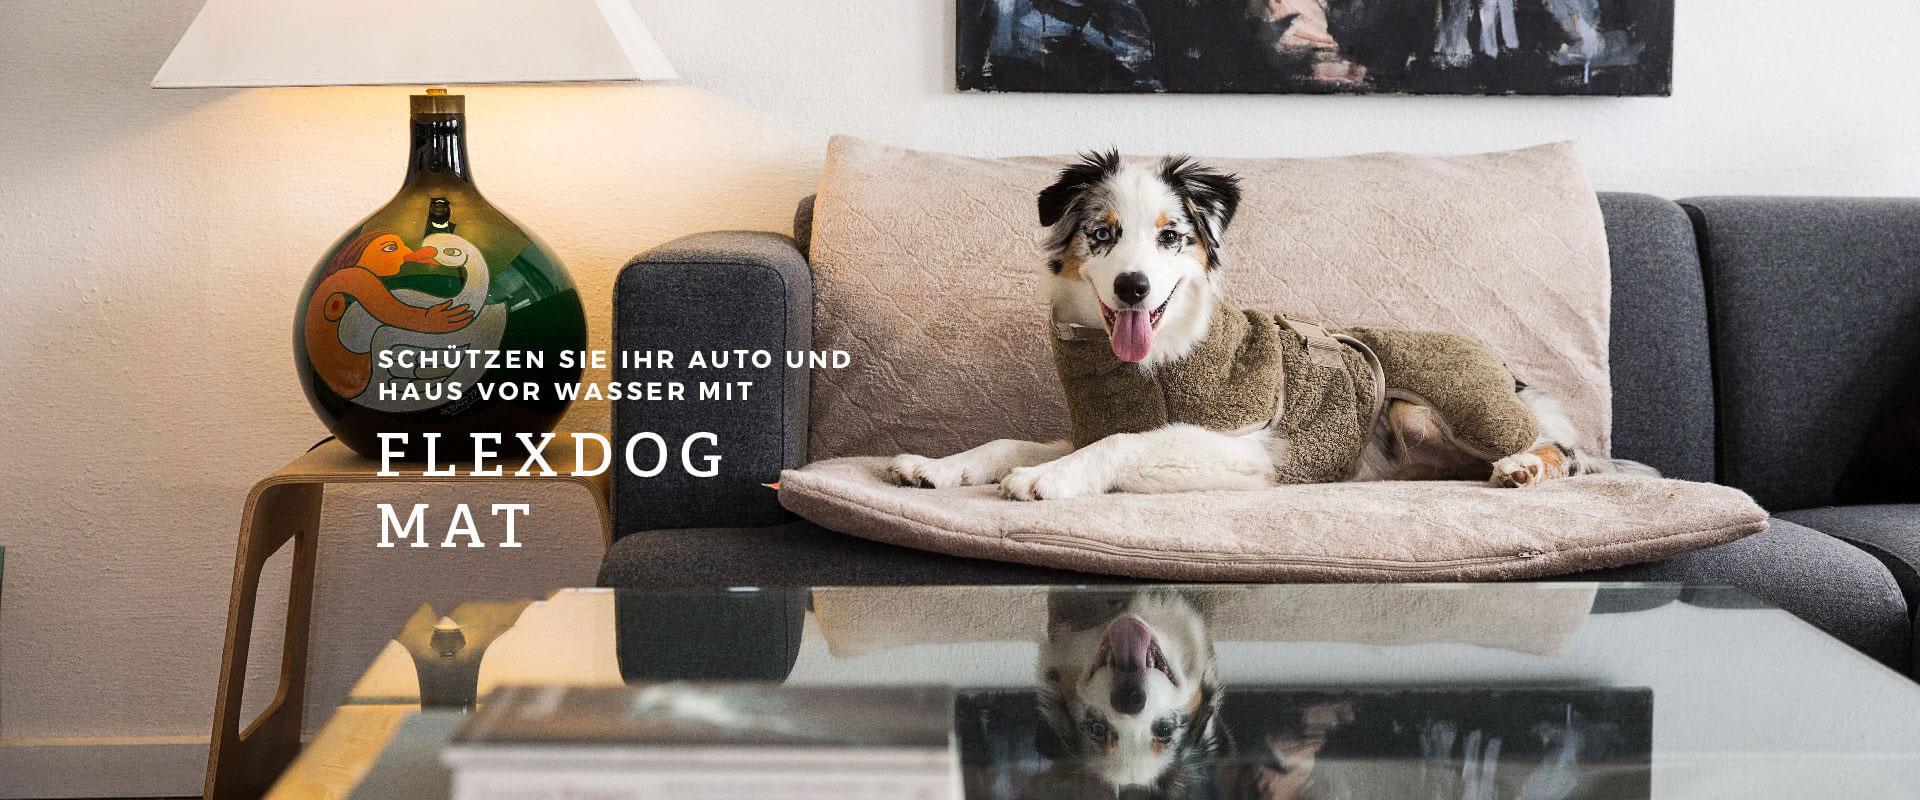 SICCARO Bademäntel, Hundemäntel und Trockenhandschuhe für Hunde, Bild 2